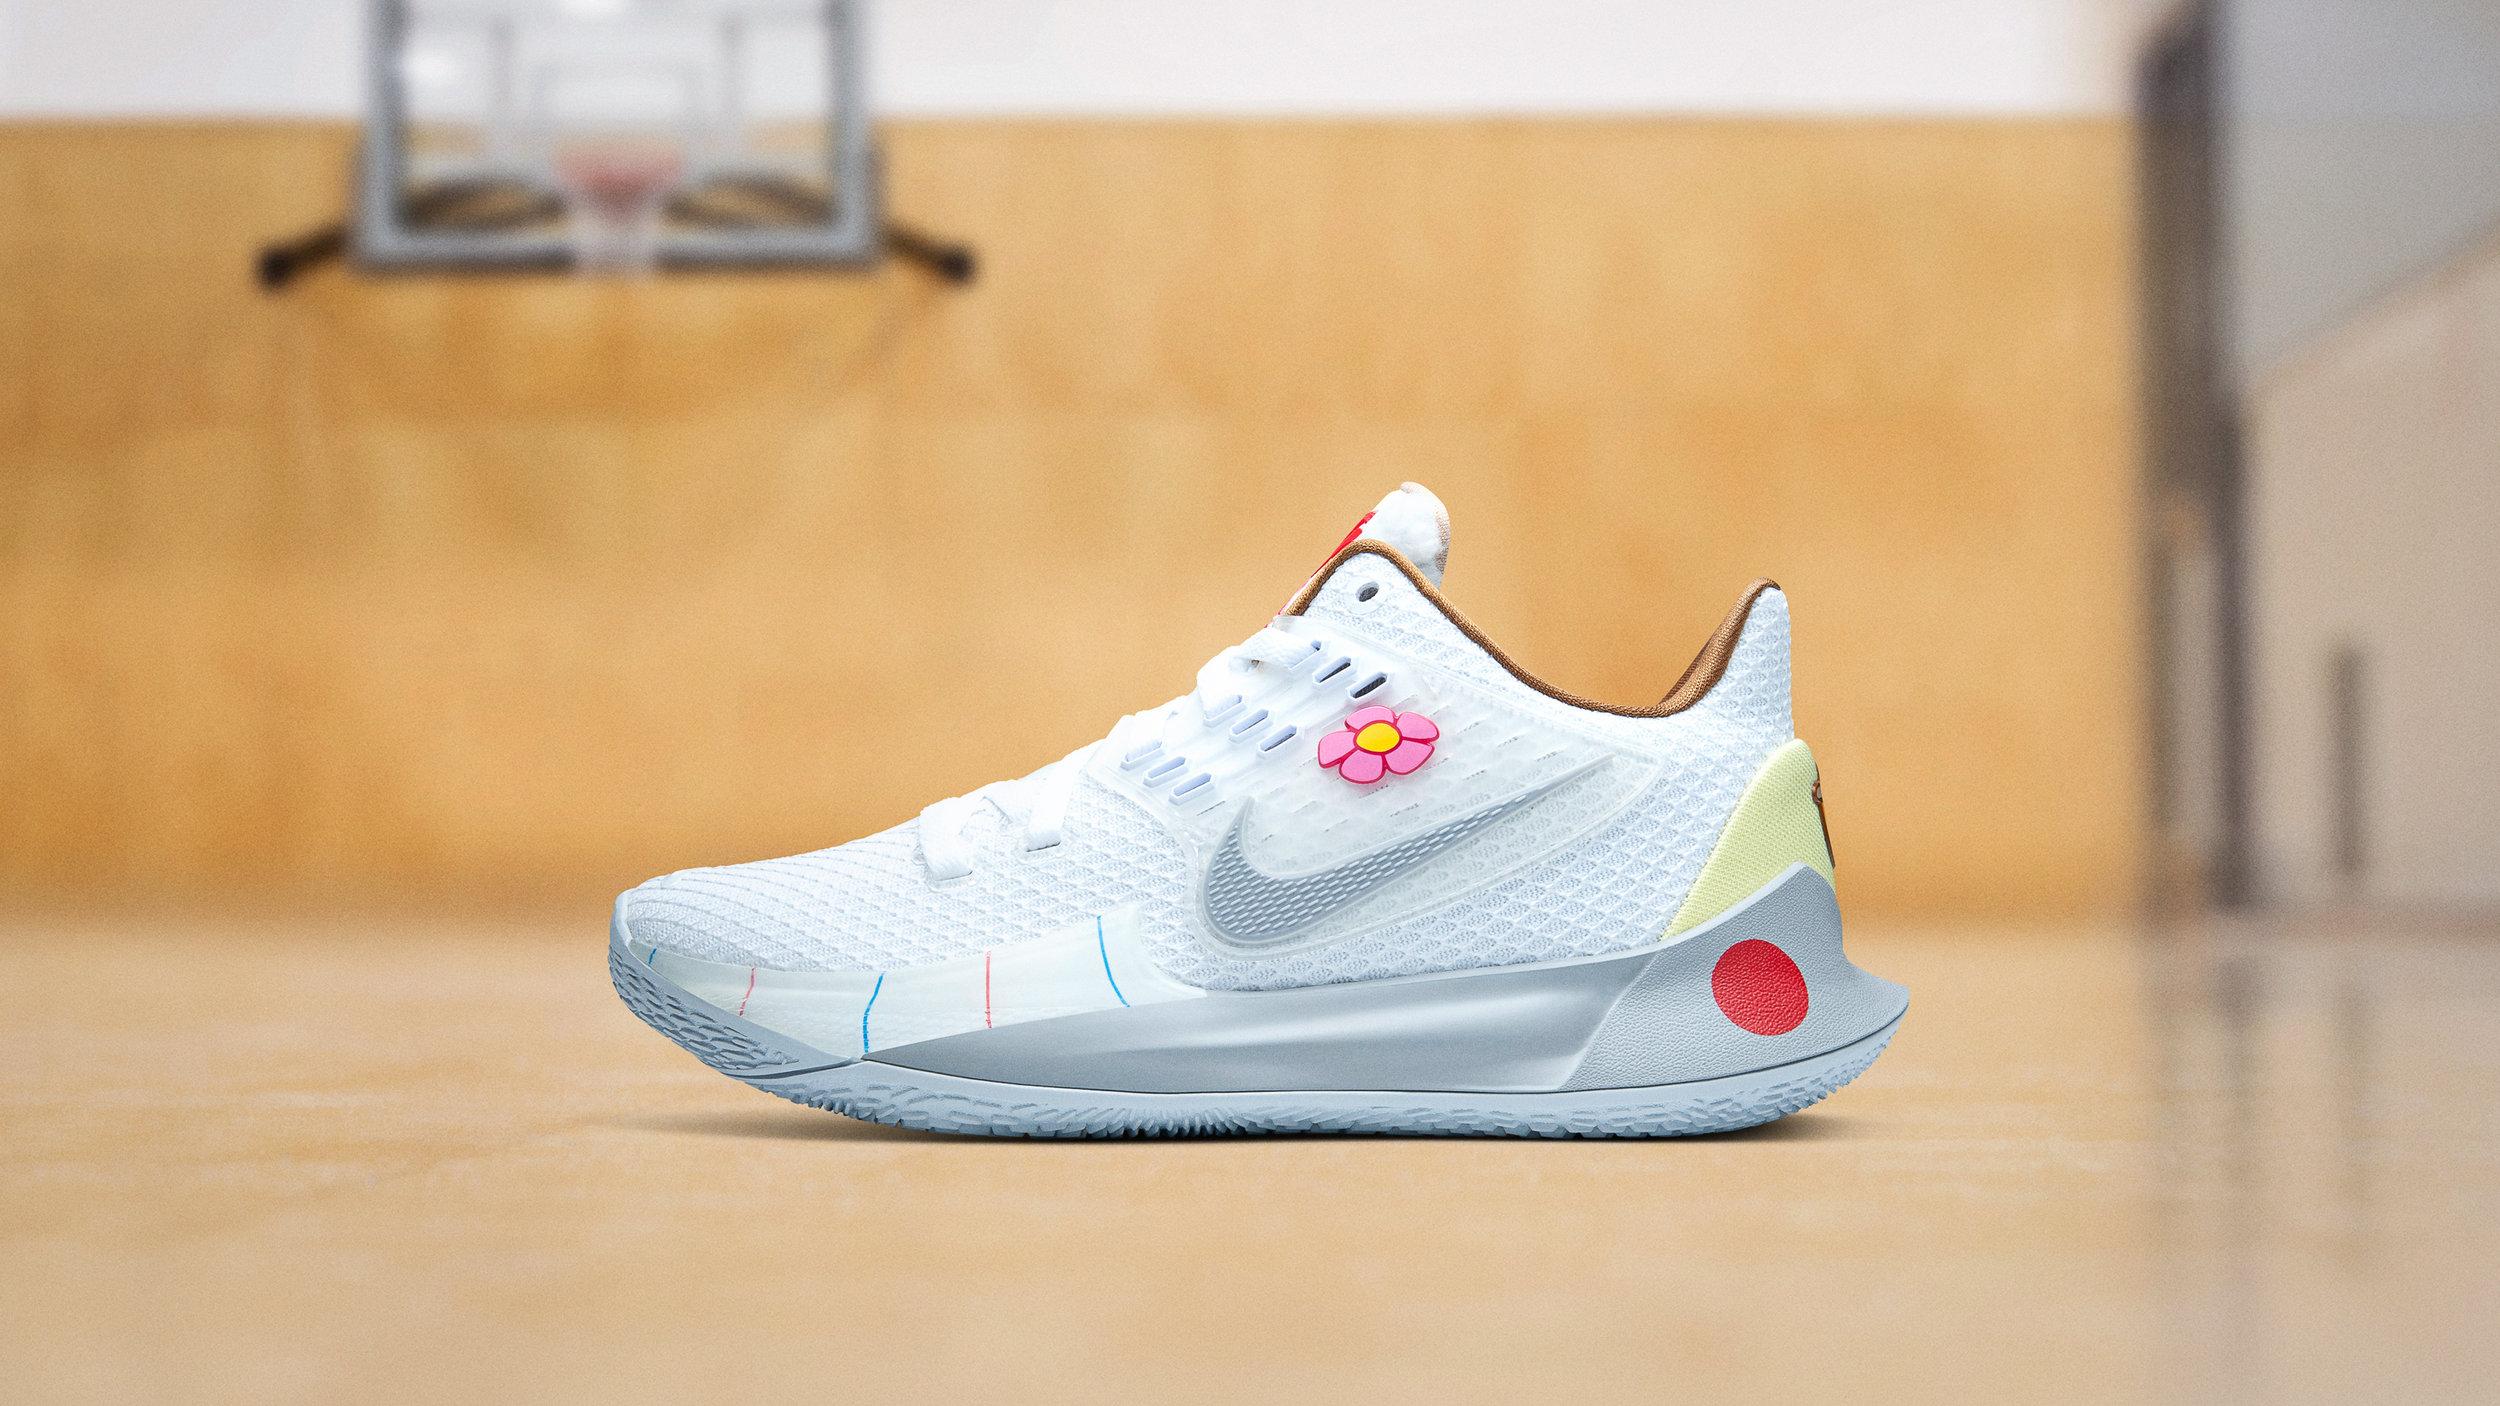 NikeNews_NikeBasketball_Kyrie_Spongebob_DSC_8070_1_89207.jpg